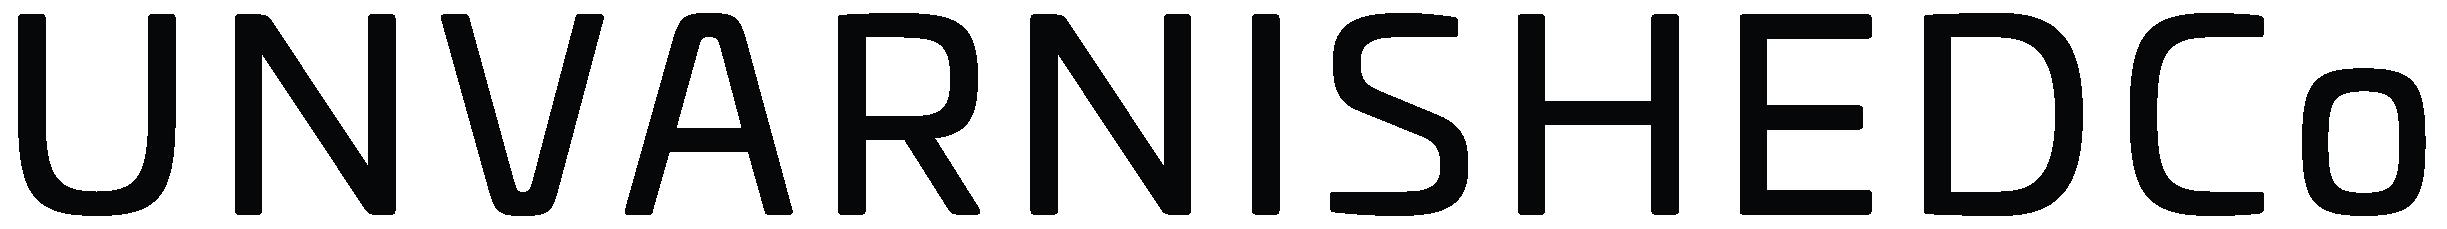 UnvarnishedCo-logo